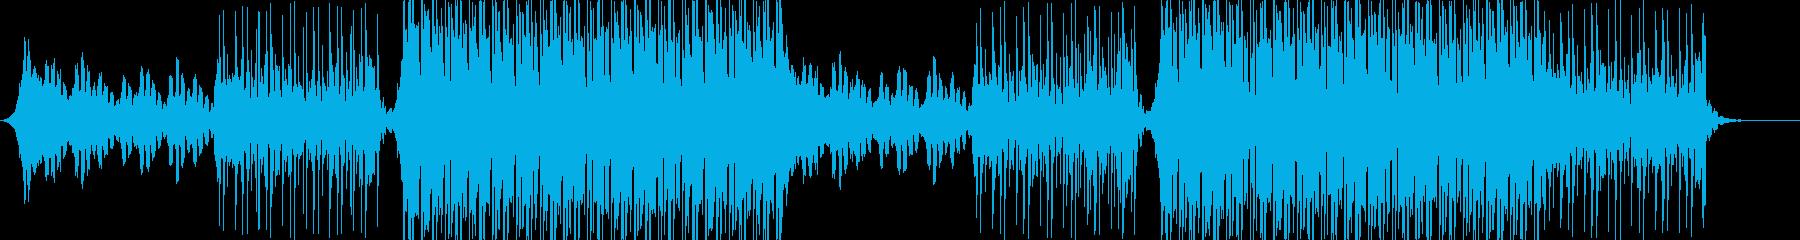 企業VP、CM、クールで軽快な透明感bの再生済みの波形